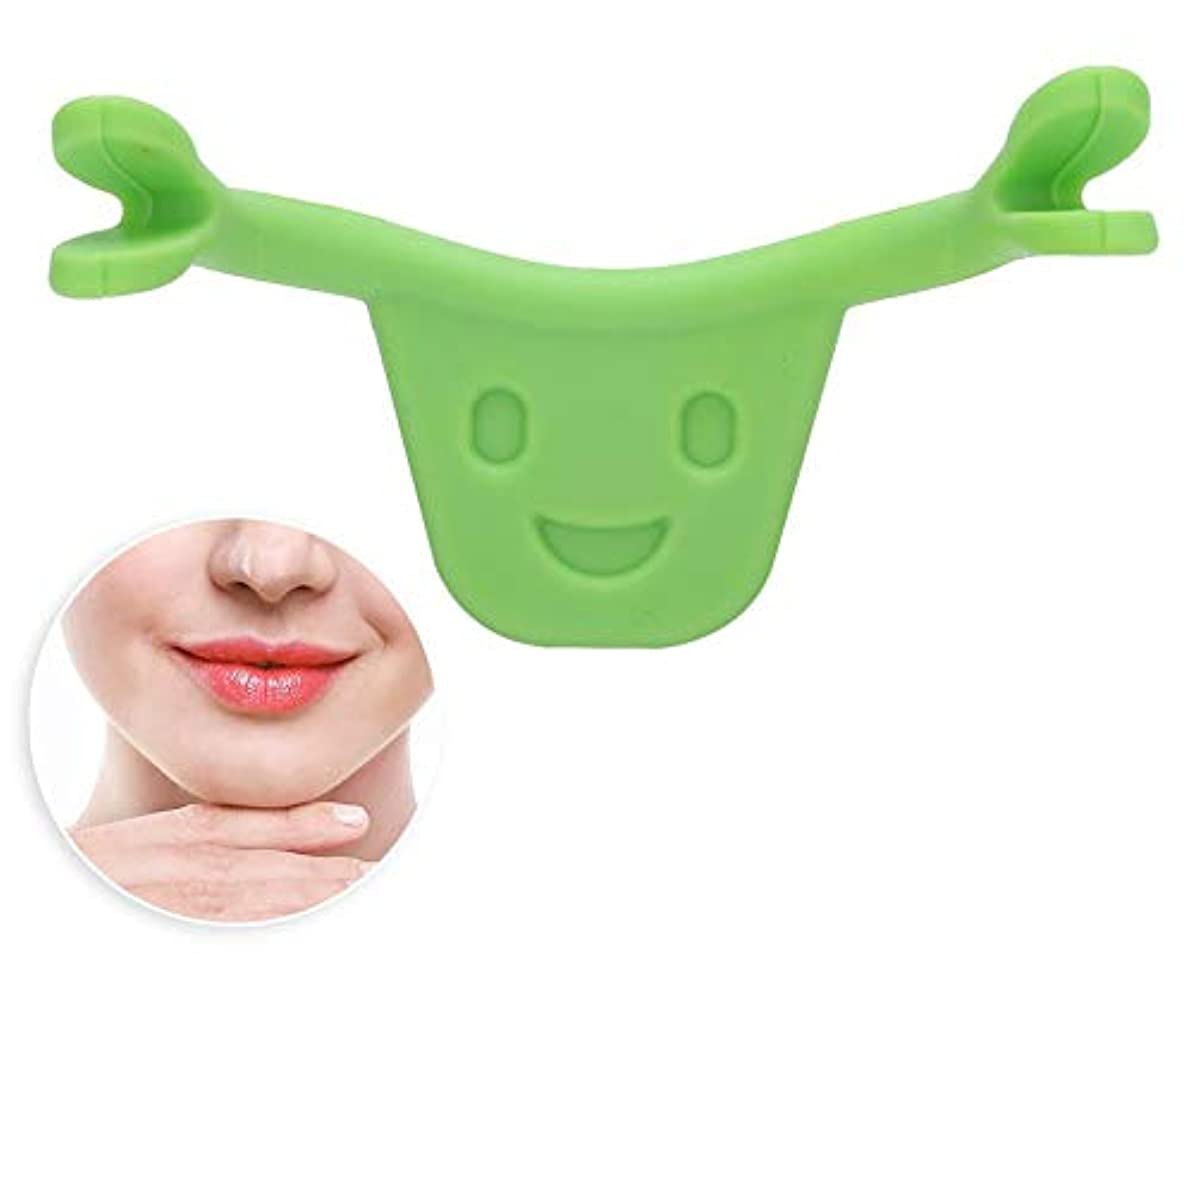 スクラップ舌なデンマーク語フェイストレーナー、笑顔メーカー2色パーソナルスマイル美容エクササイザトレーニングブレース笑顔メーカー美容ケア口の形(2#)